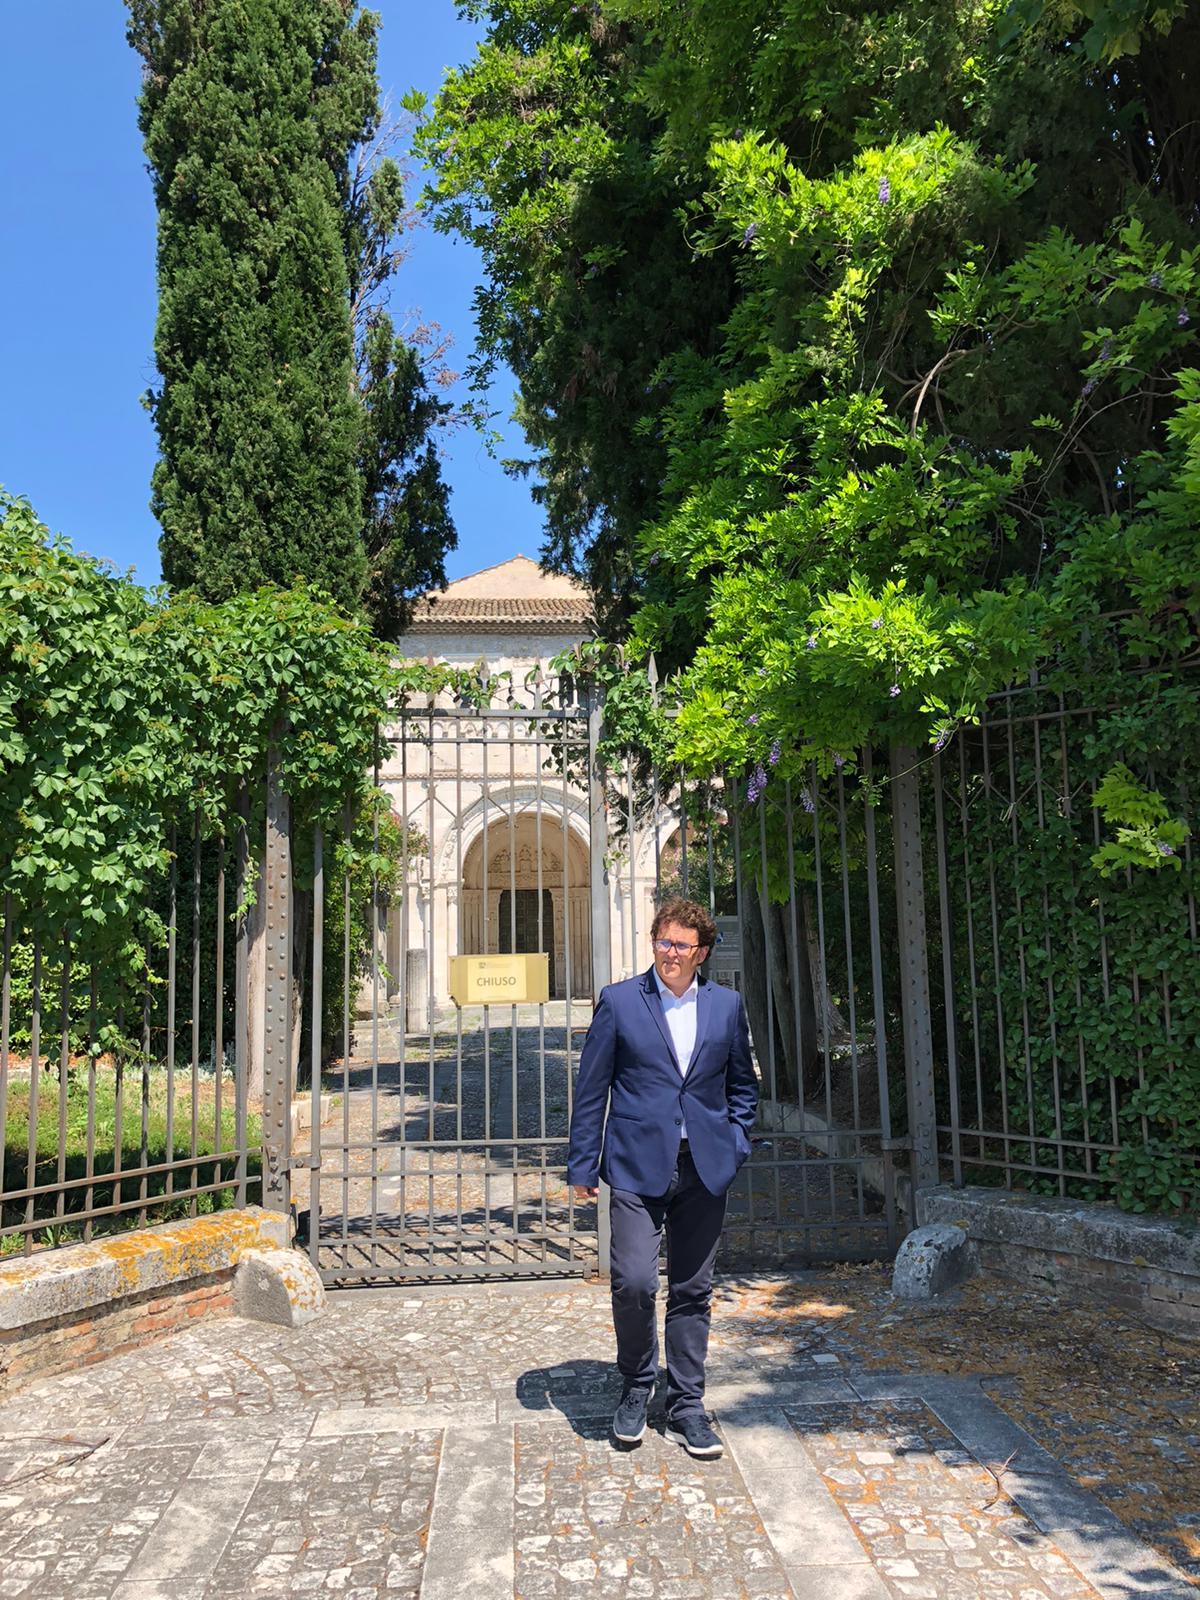 """Blasioli su San Clemente a Casauria: """"Regione ed Enti devono avviare un percorso per la riapertura di questo gioiello storico e architettonico"""""""